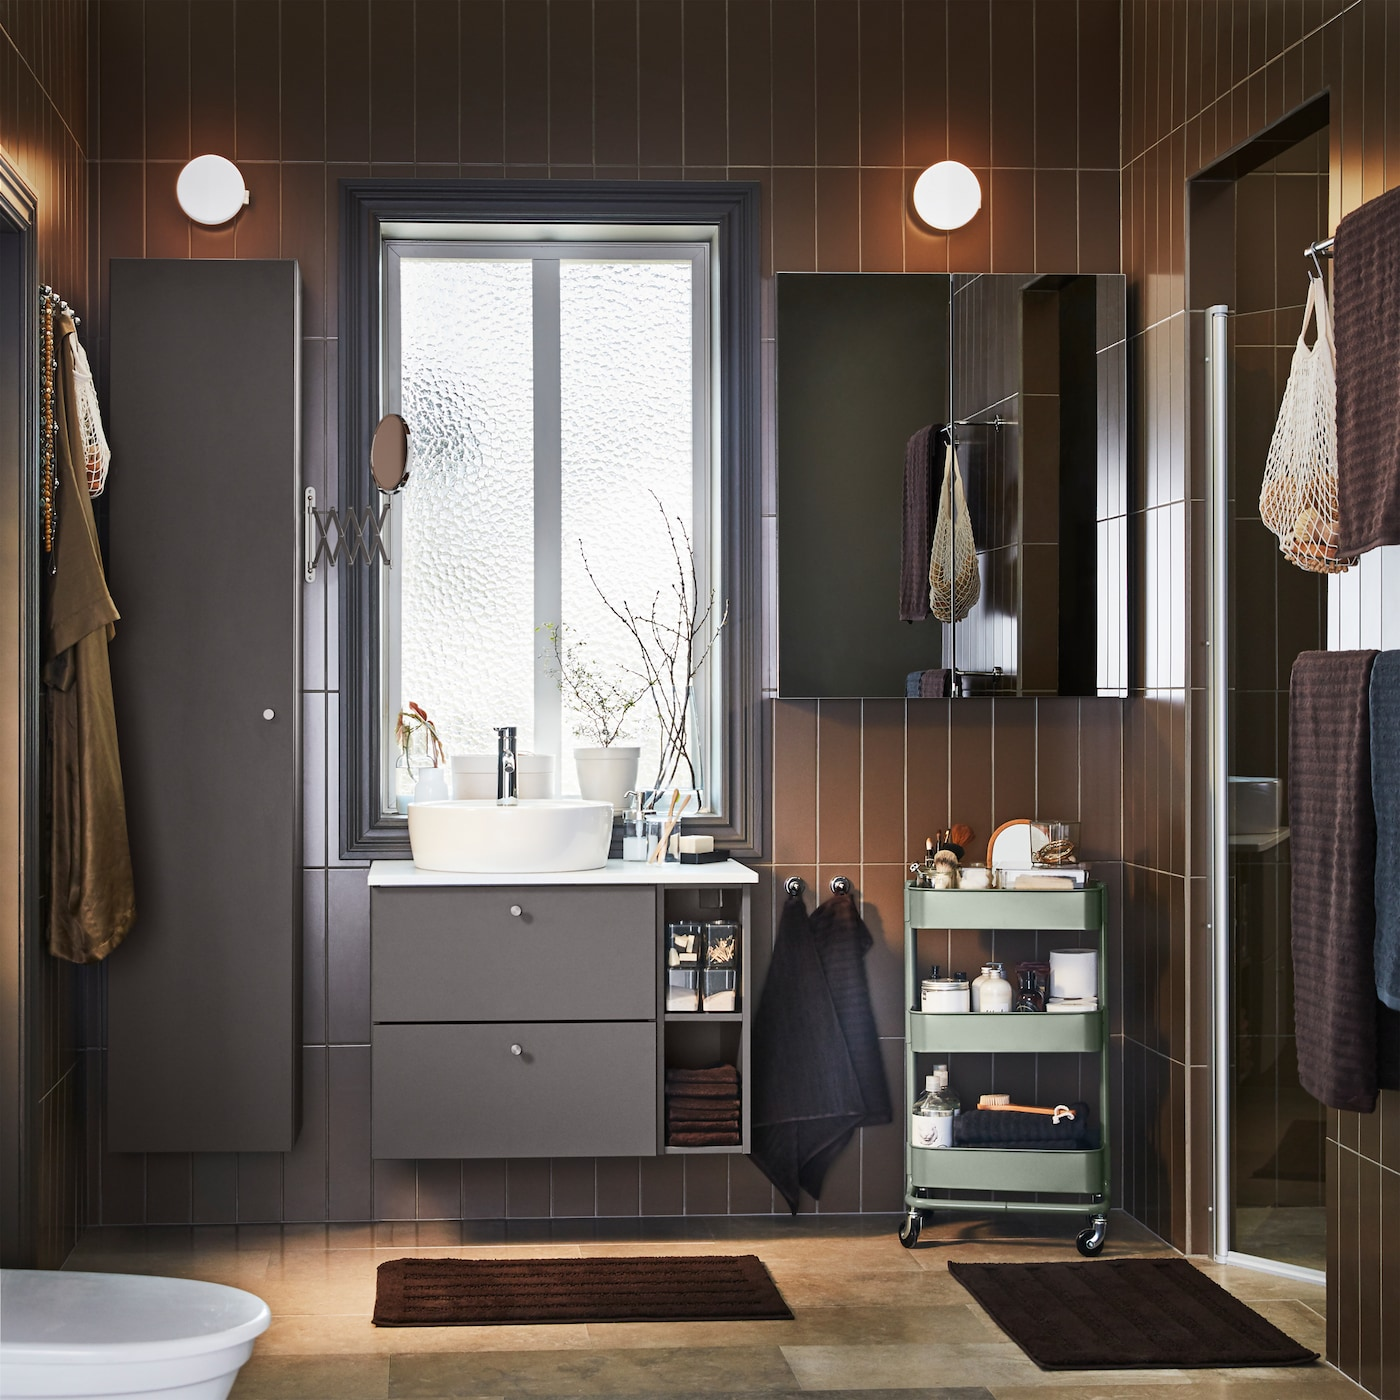 Badrum med mörkgrå badrumsmöbler, skåp med spegeldörr, grågrön rullvagn och mörkbruna badrumsmattor.